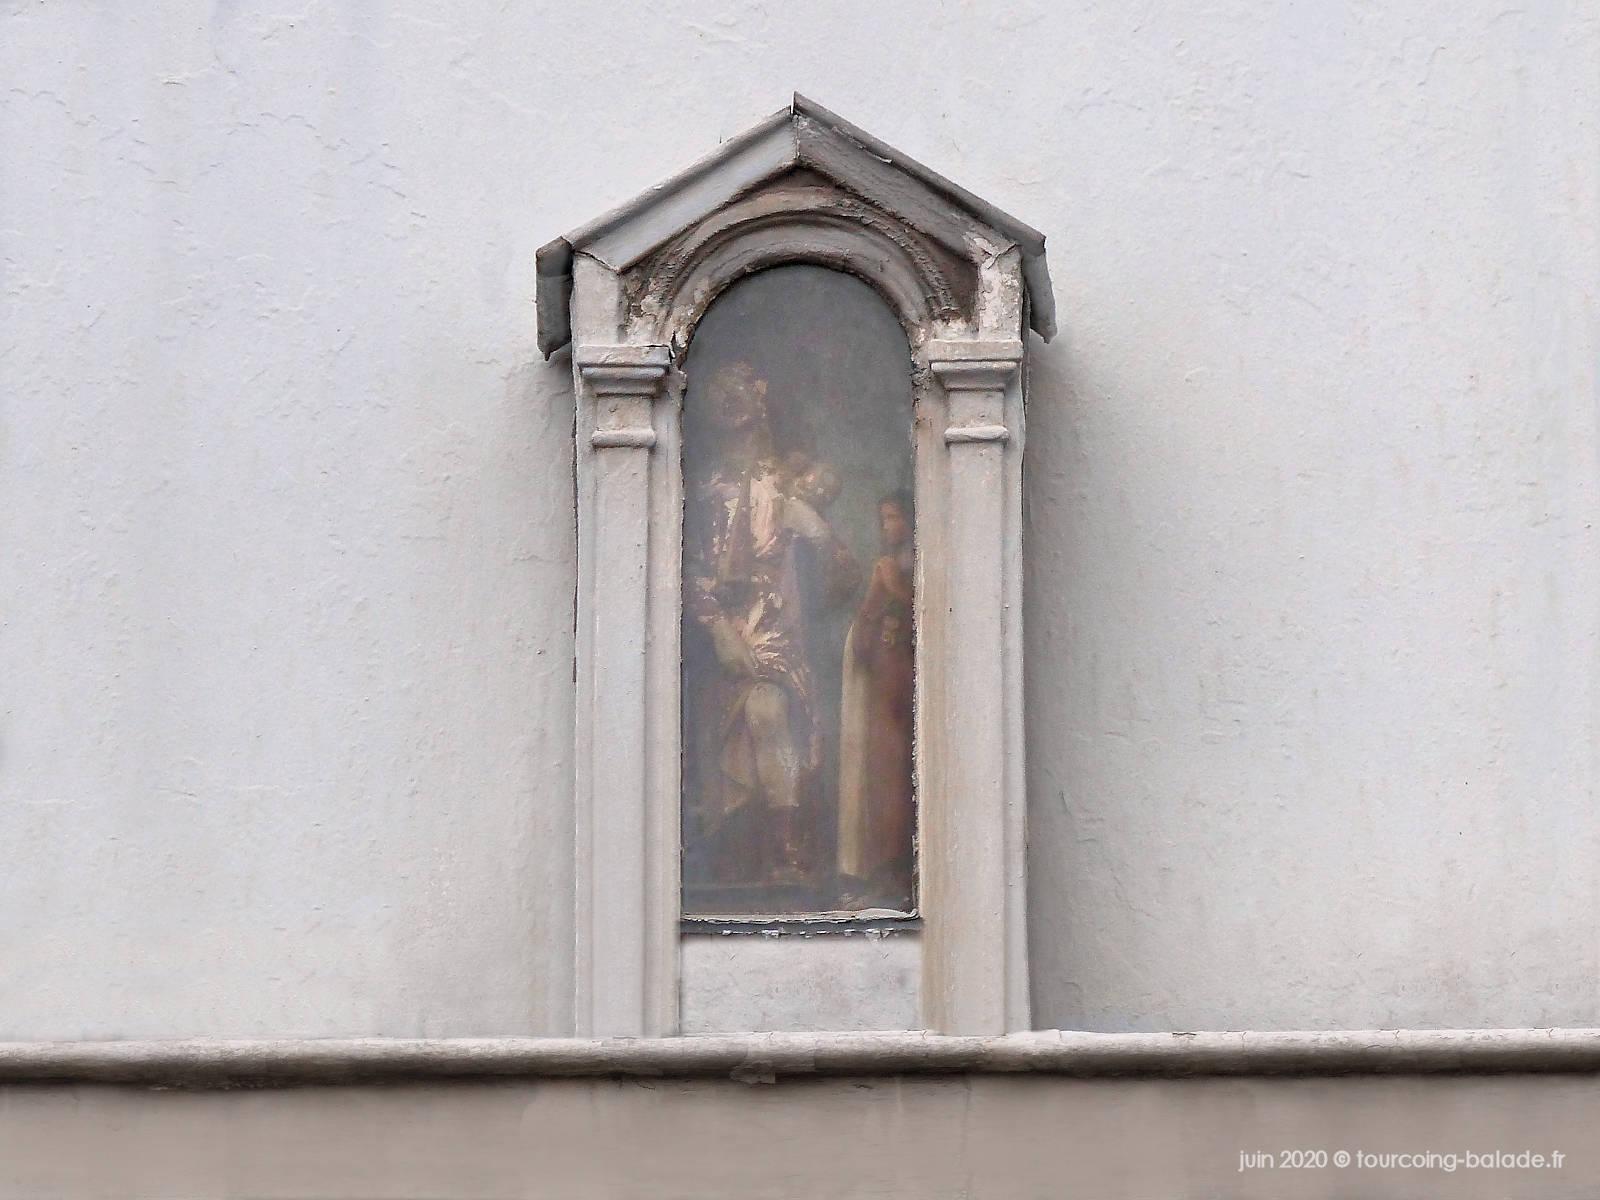 Niche fixée, Marie et Joseph, rue du Calvaire, Tourcoing 2020